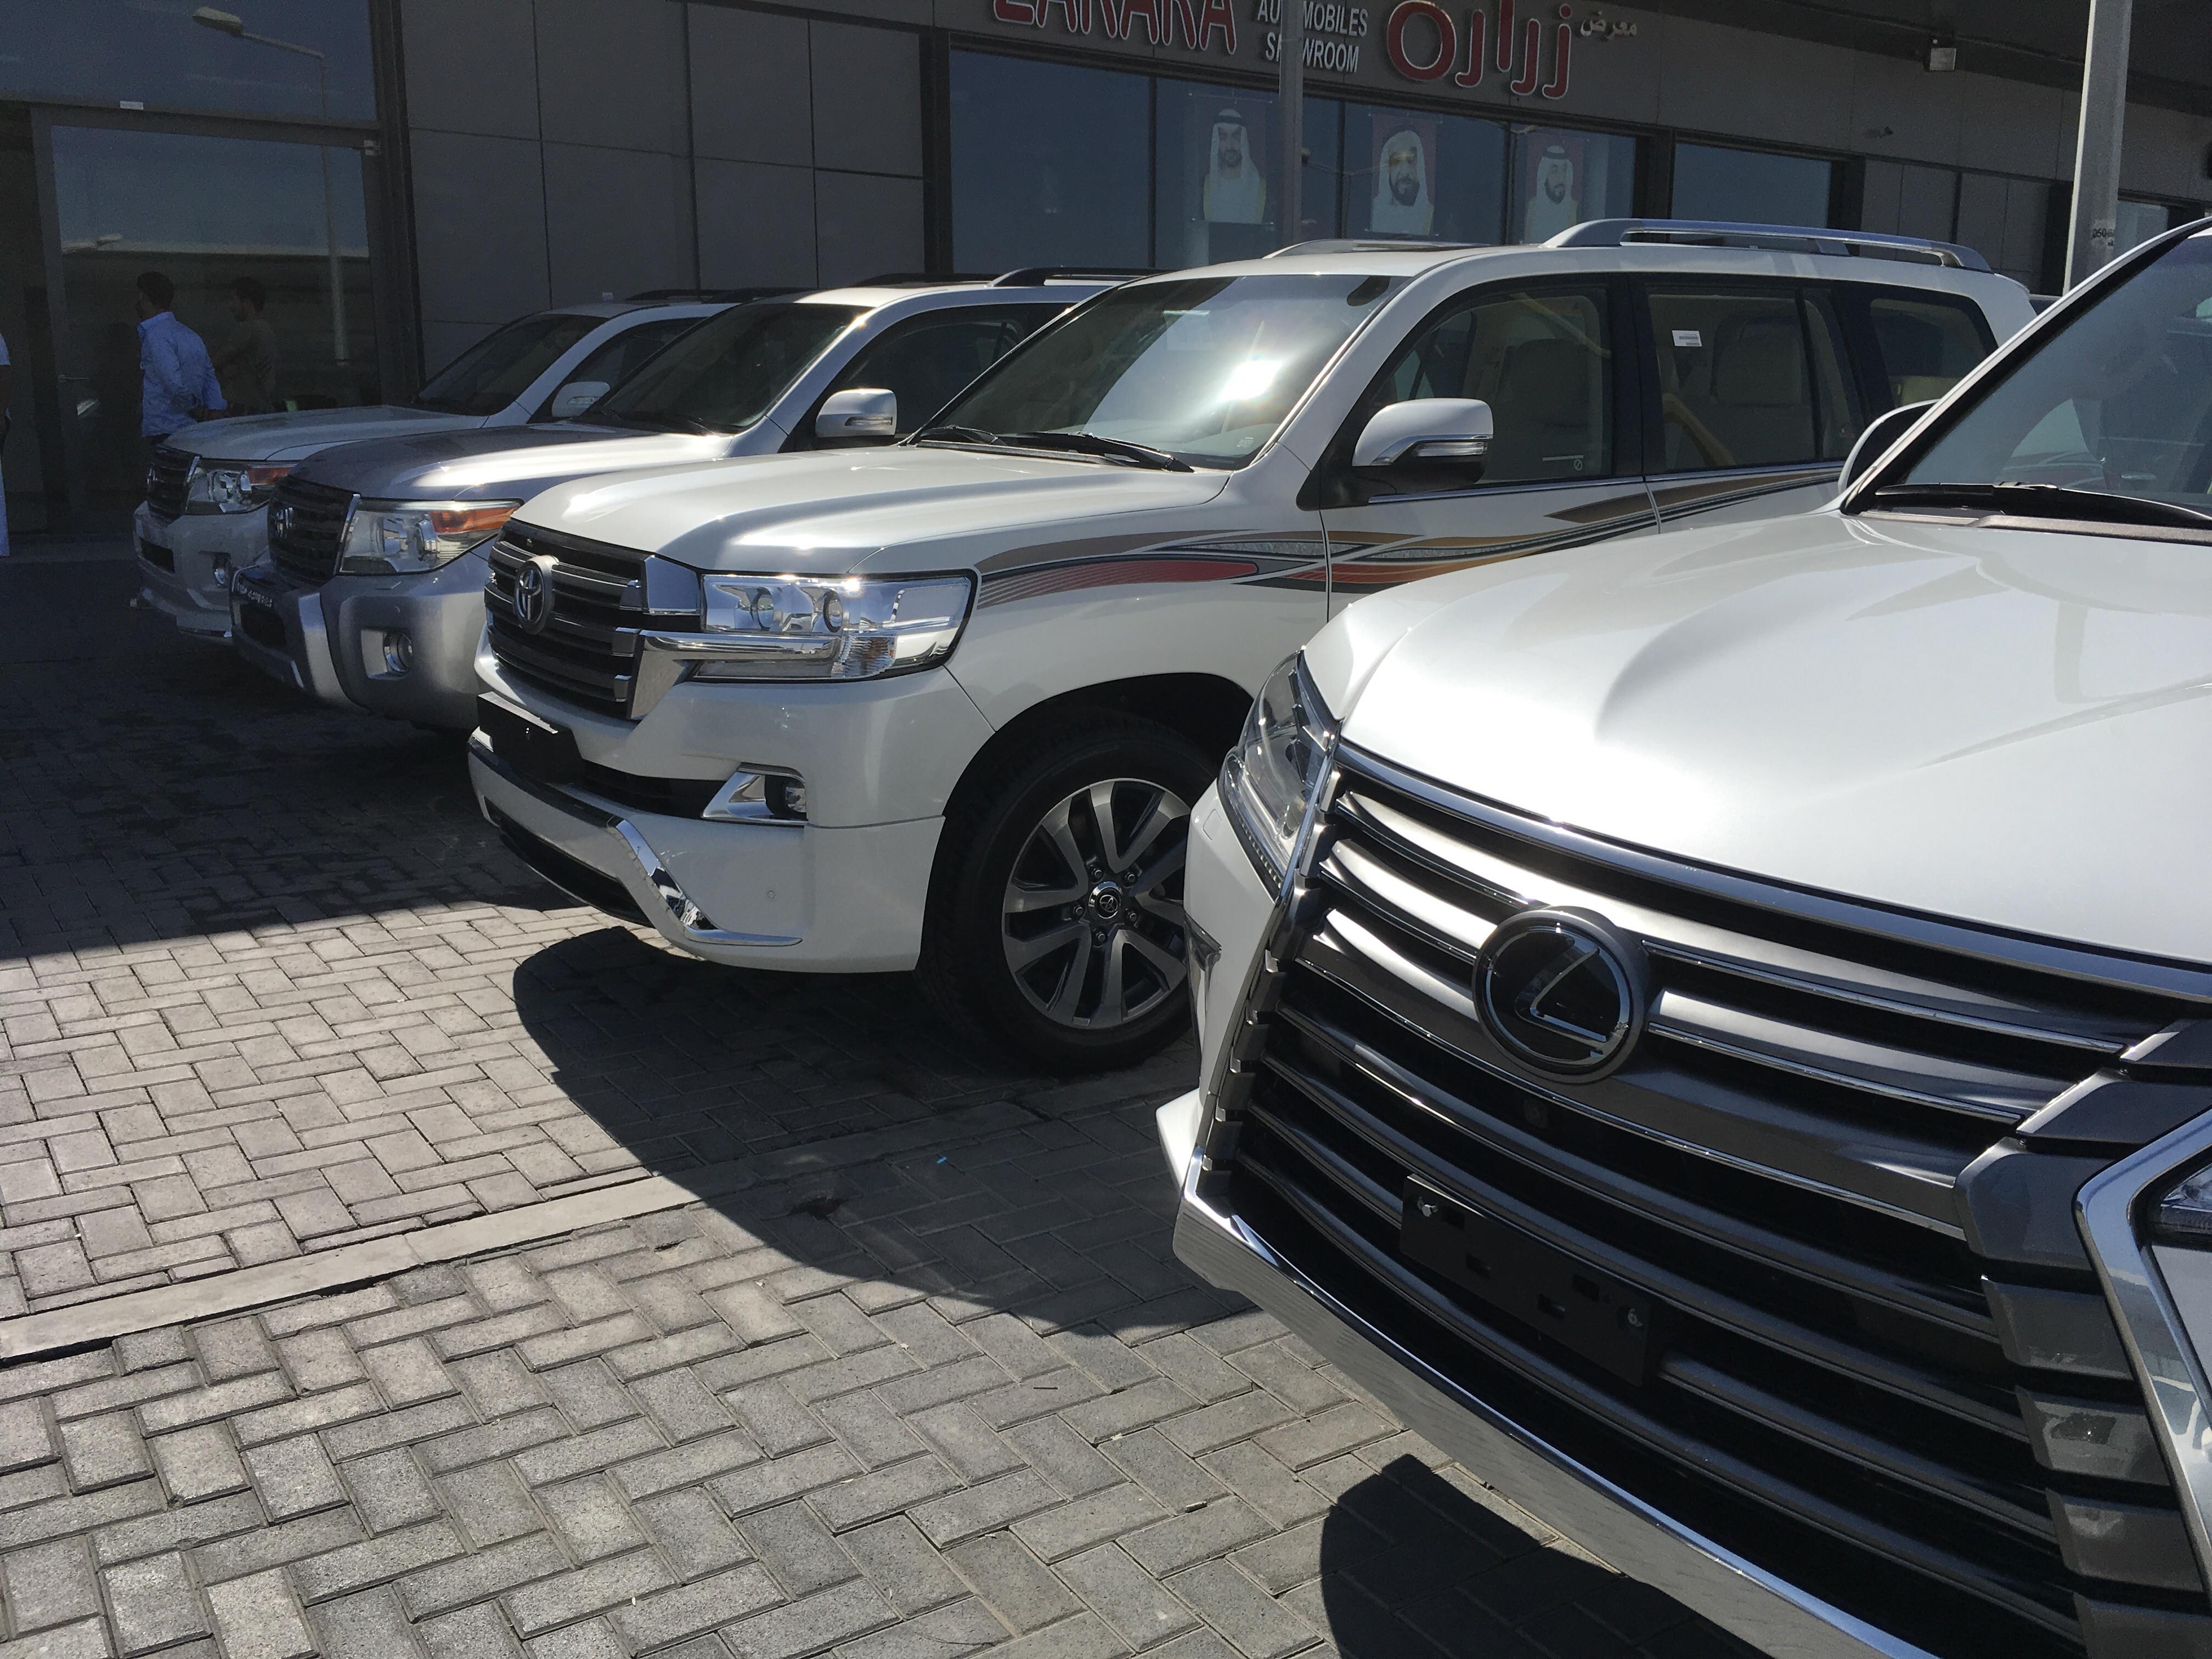 Motorworld wilkes barre new car release information for Motor world wilkes barre hours